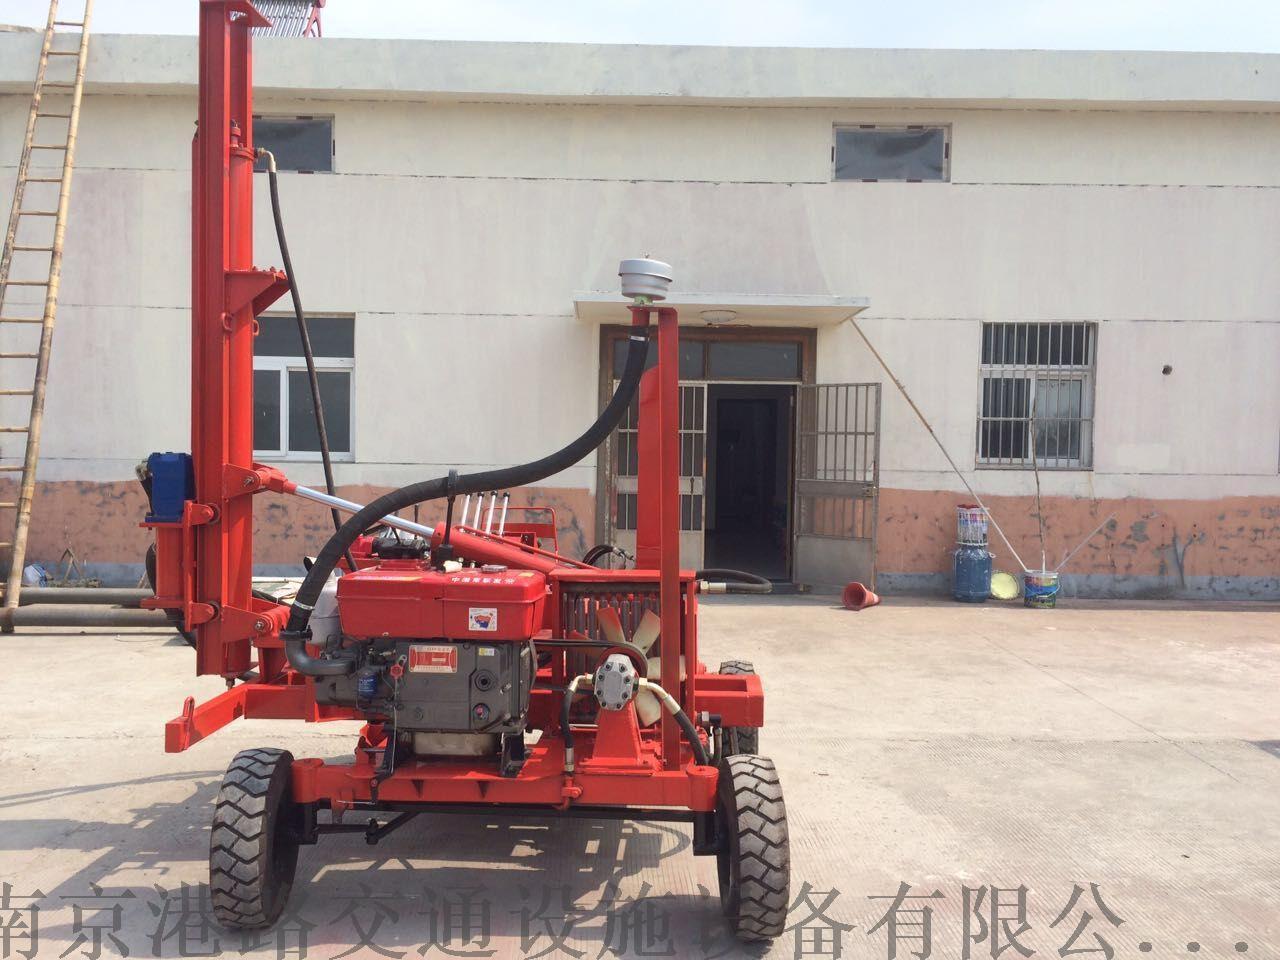 供应波形护栏板液压钻孔机,公路护栏板液压钻孔机,南京港路.图片